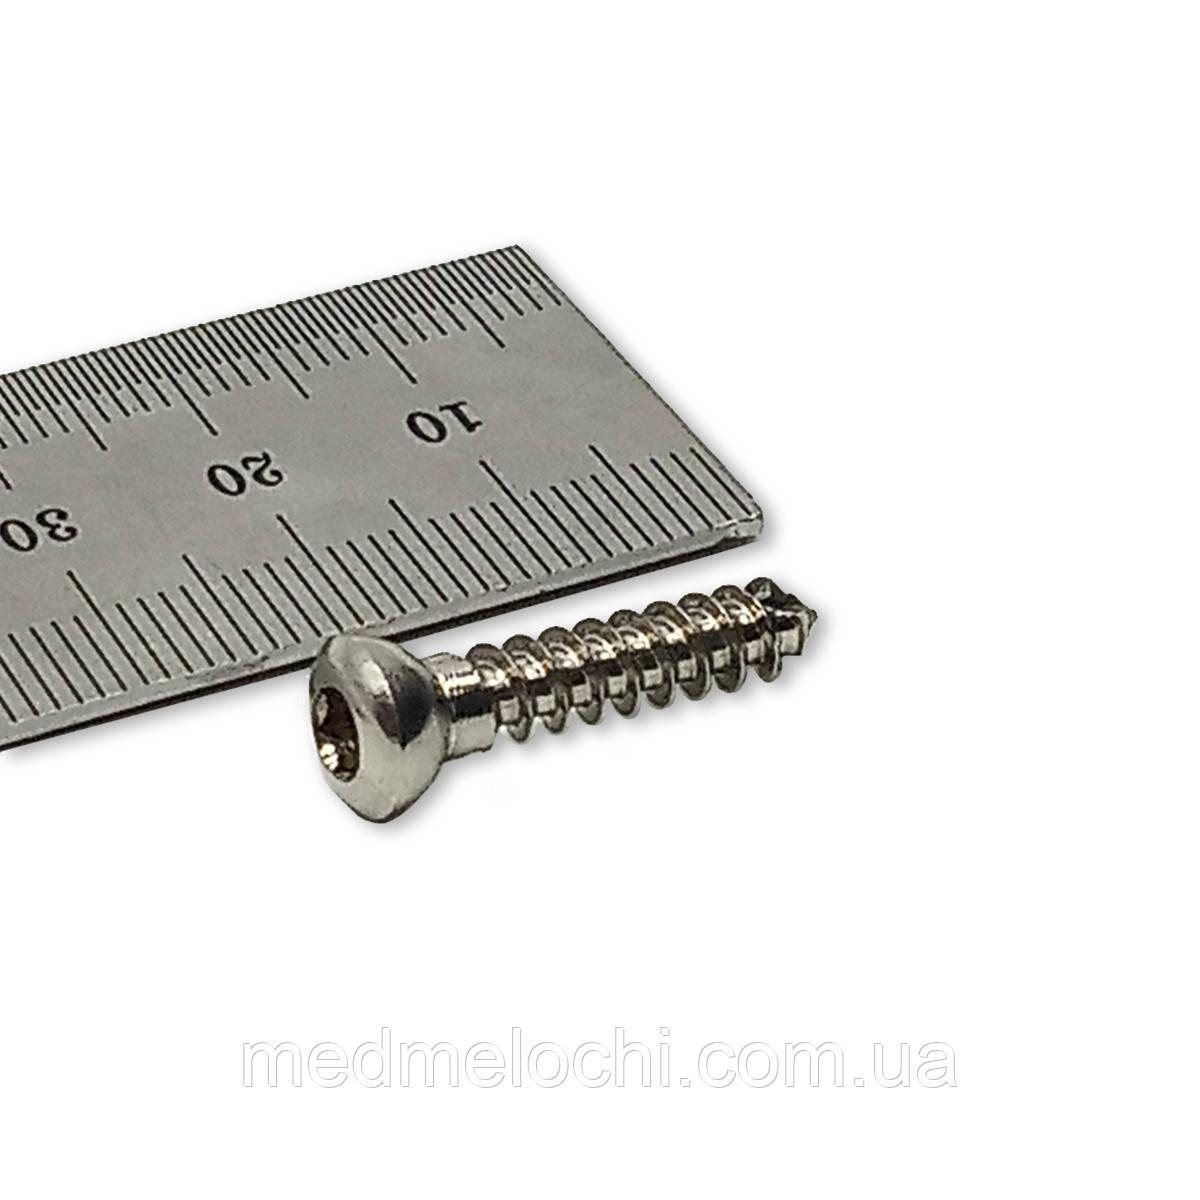 Гвинт кортикальний D=4,5мм, 24мм